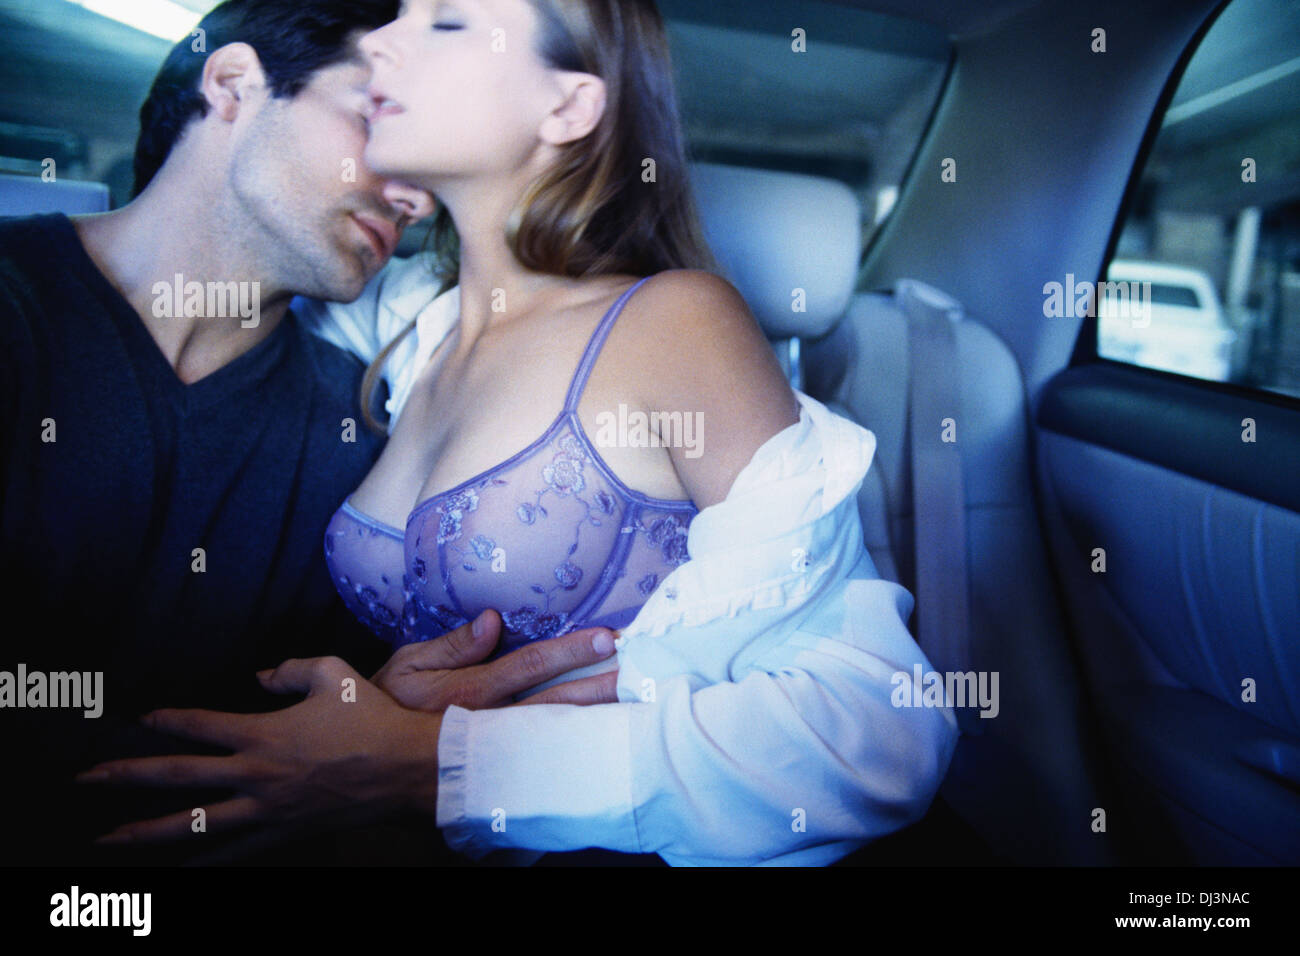 Live car sex couples 10